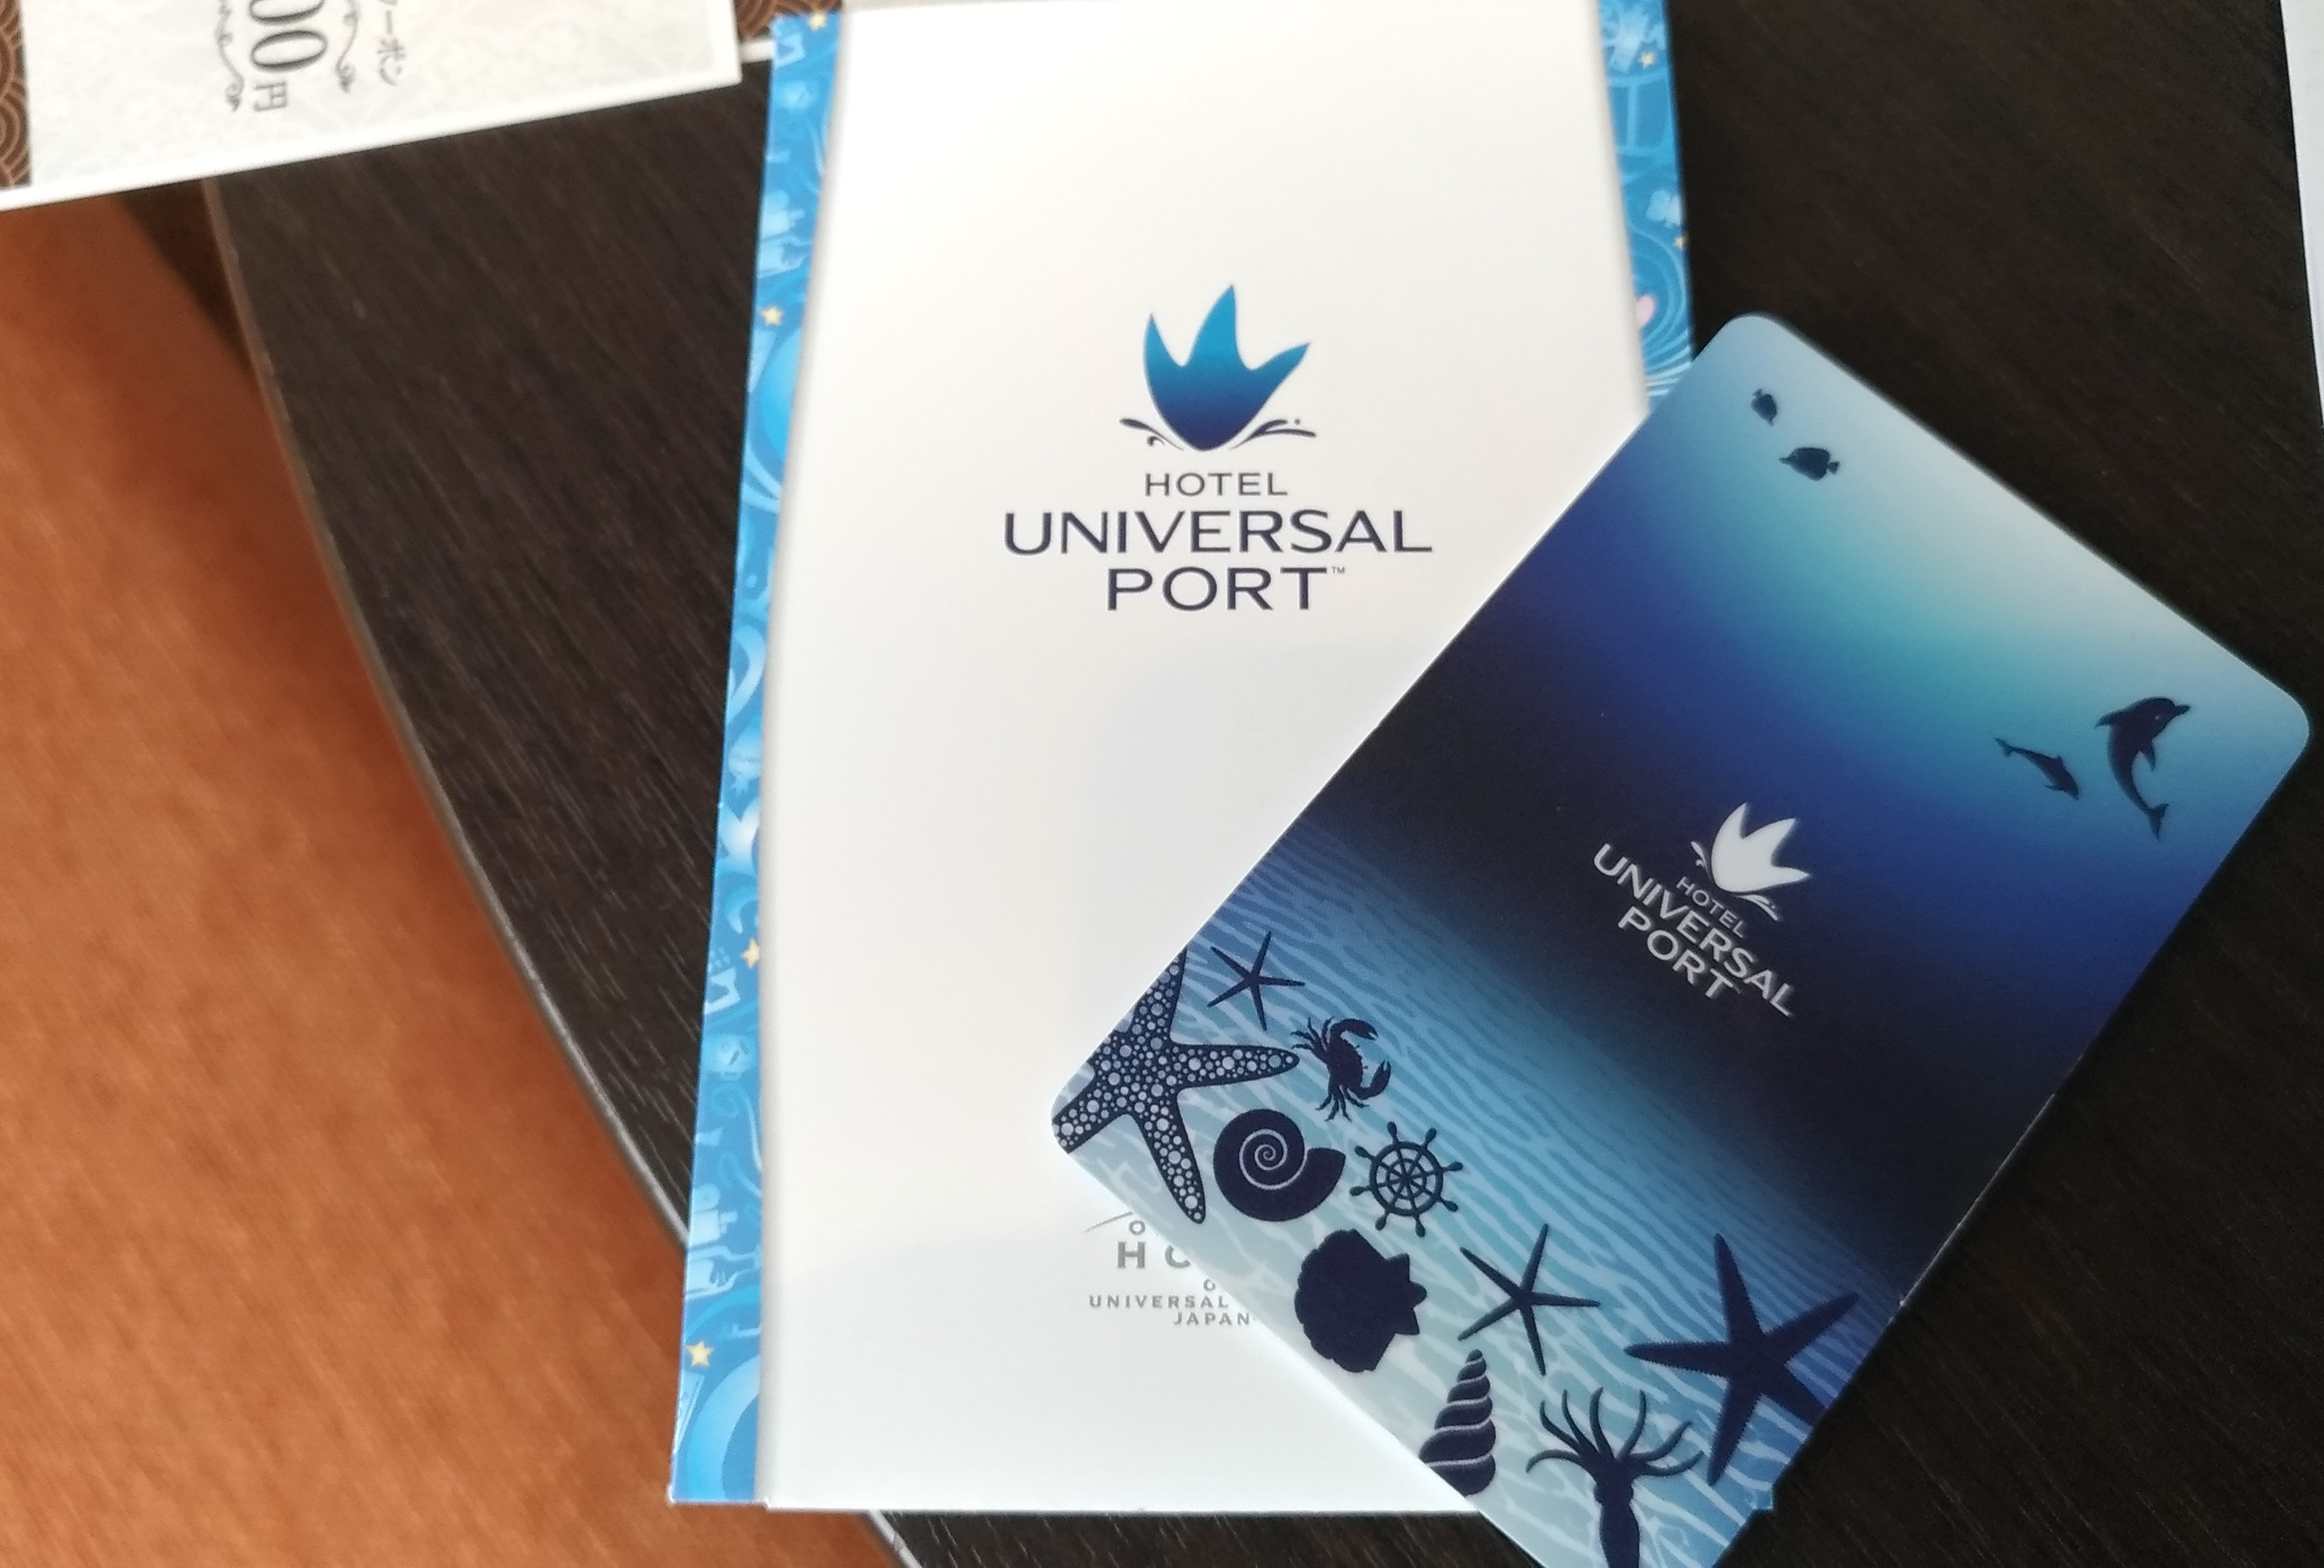 usj_osaka_hotel_universal_ports1016_1.jpg